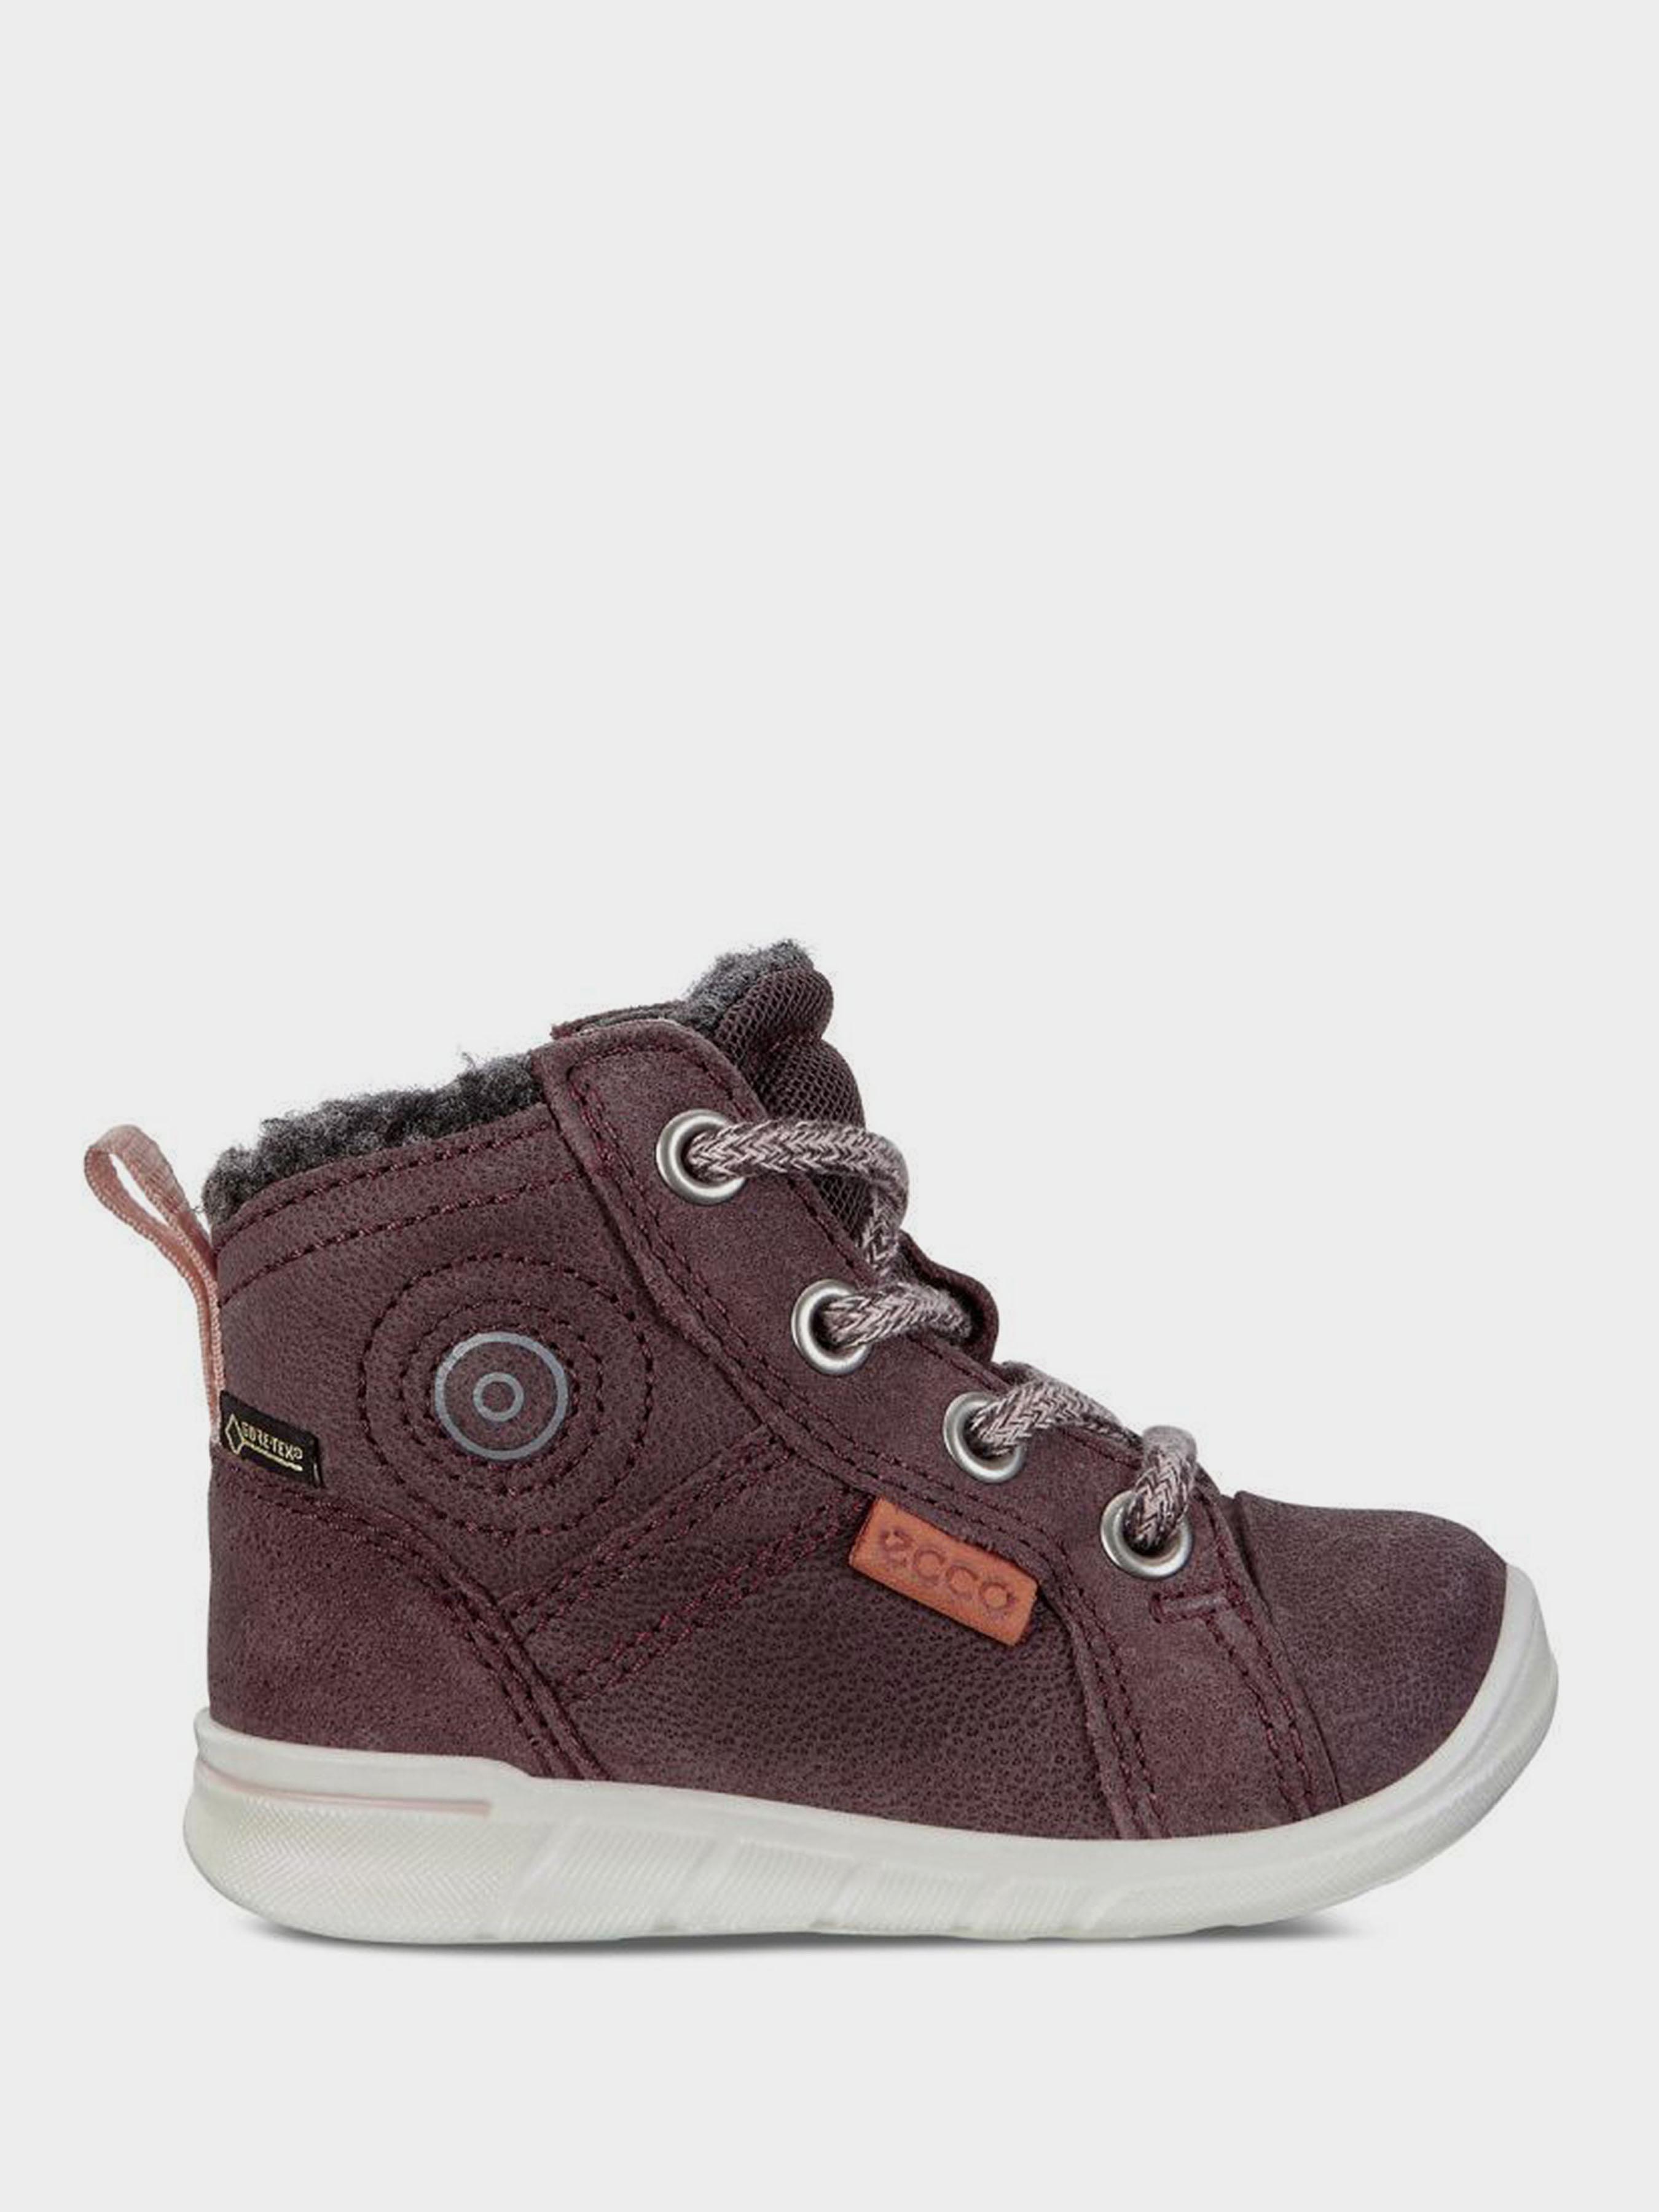 Ботинки для детей ECCO FIRST ZK3319 размеры обуви, 2017